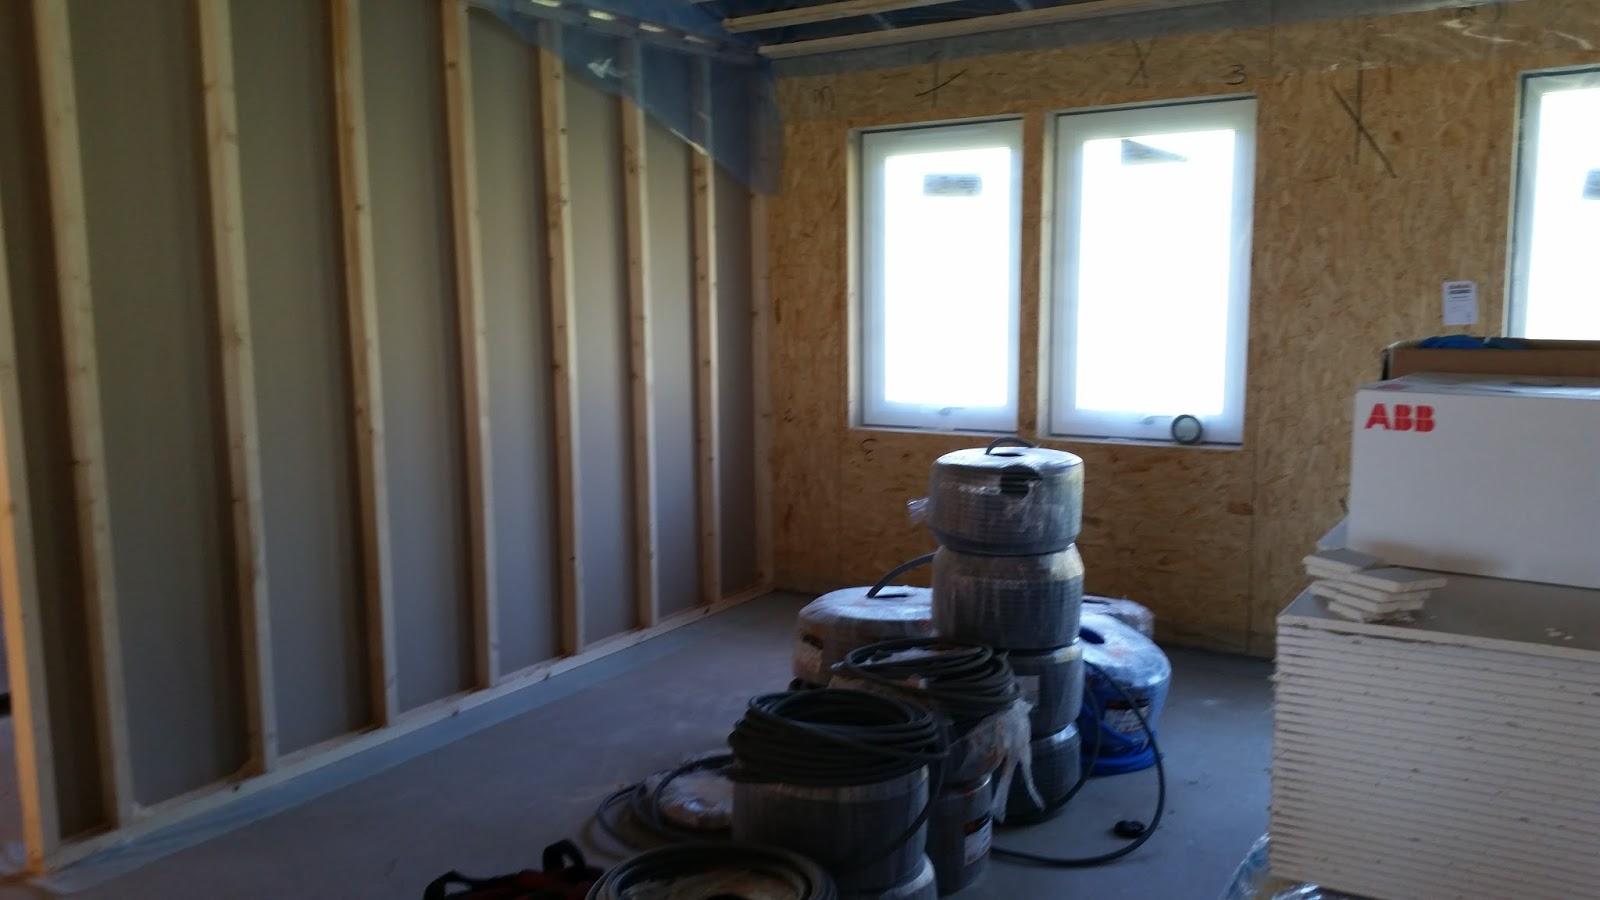 Familjen issa bygger eksjö hus prio två : oktober 2015